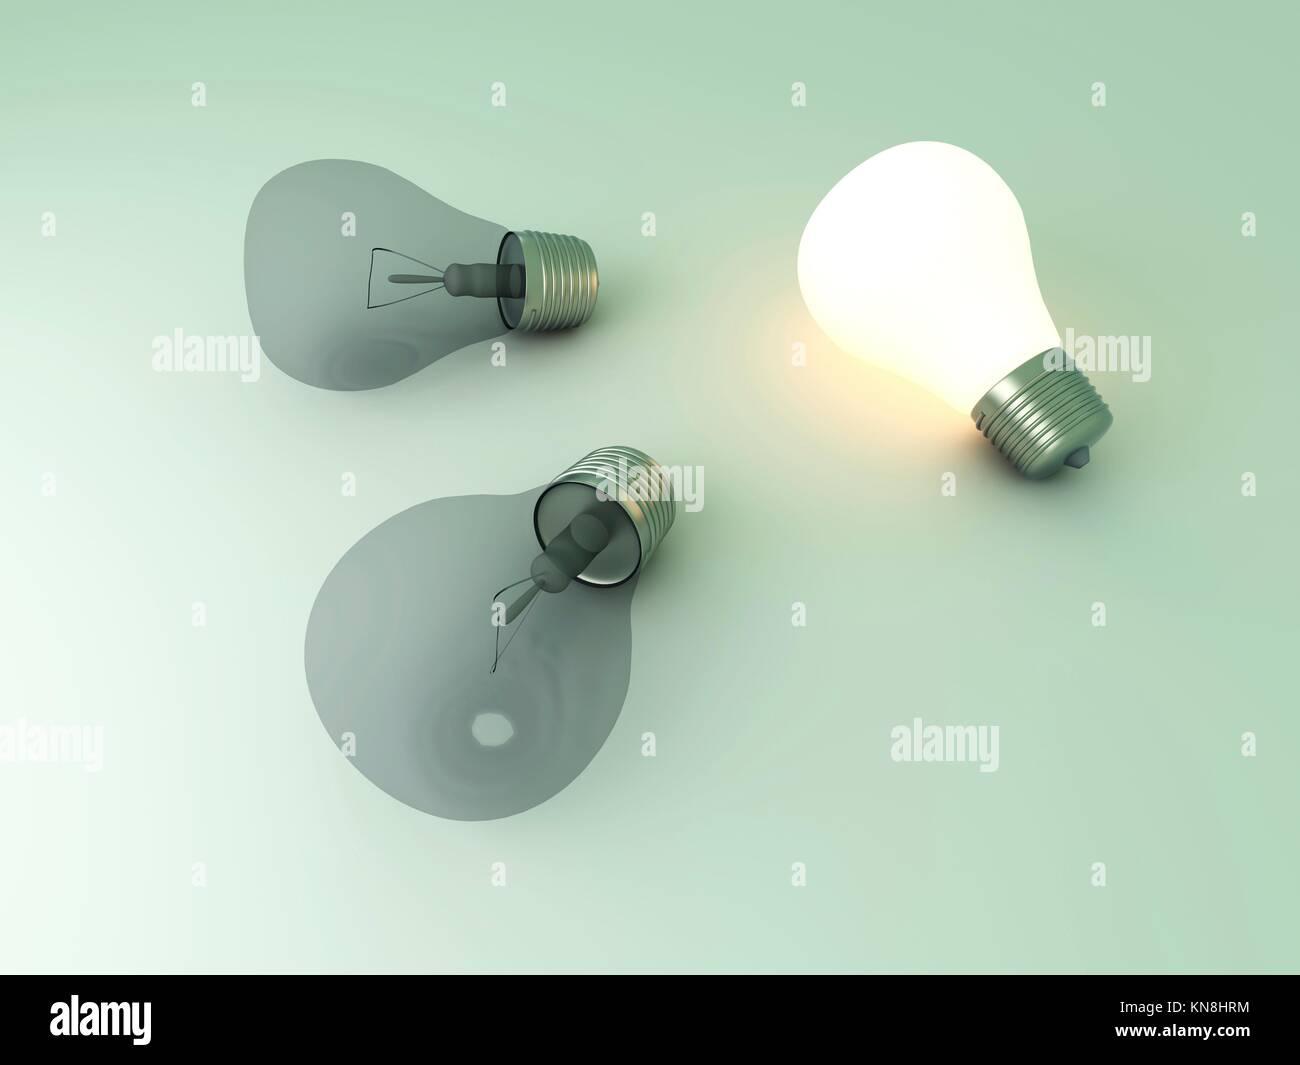 Una bombilla de luz incandescente entre otros. Ilustración 3D prestados. Imagen De Stock